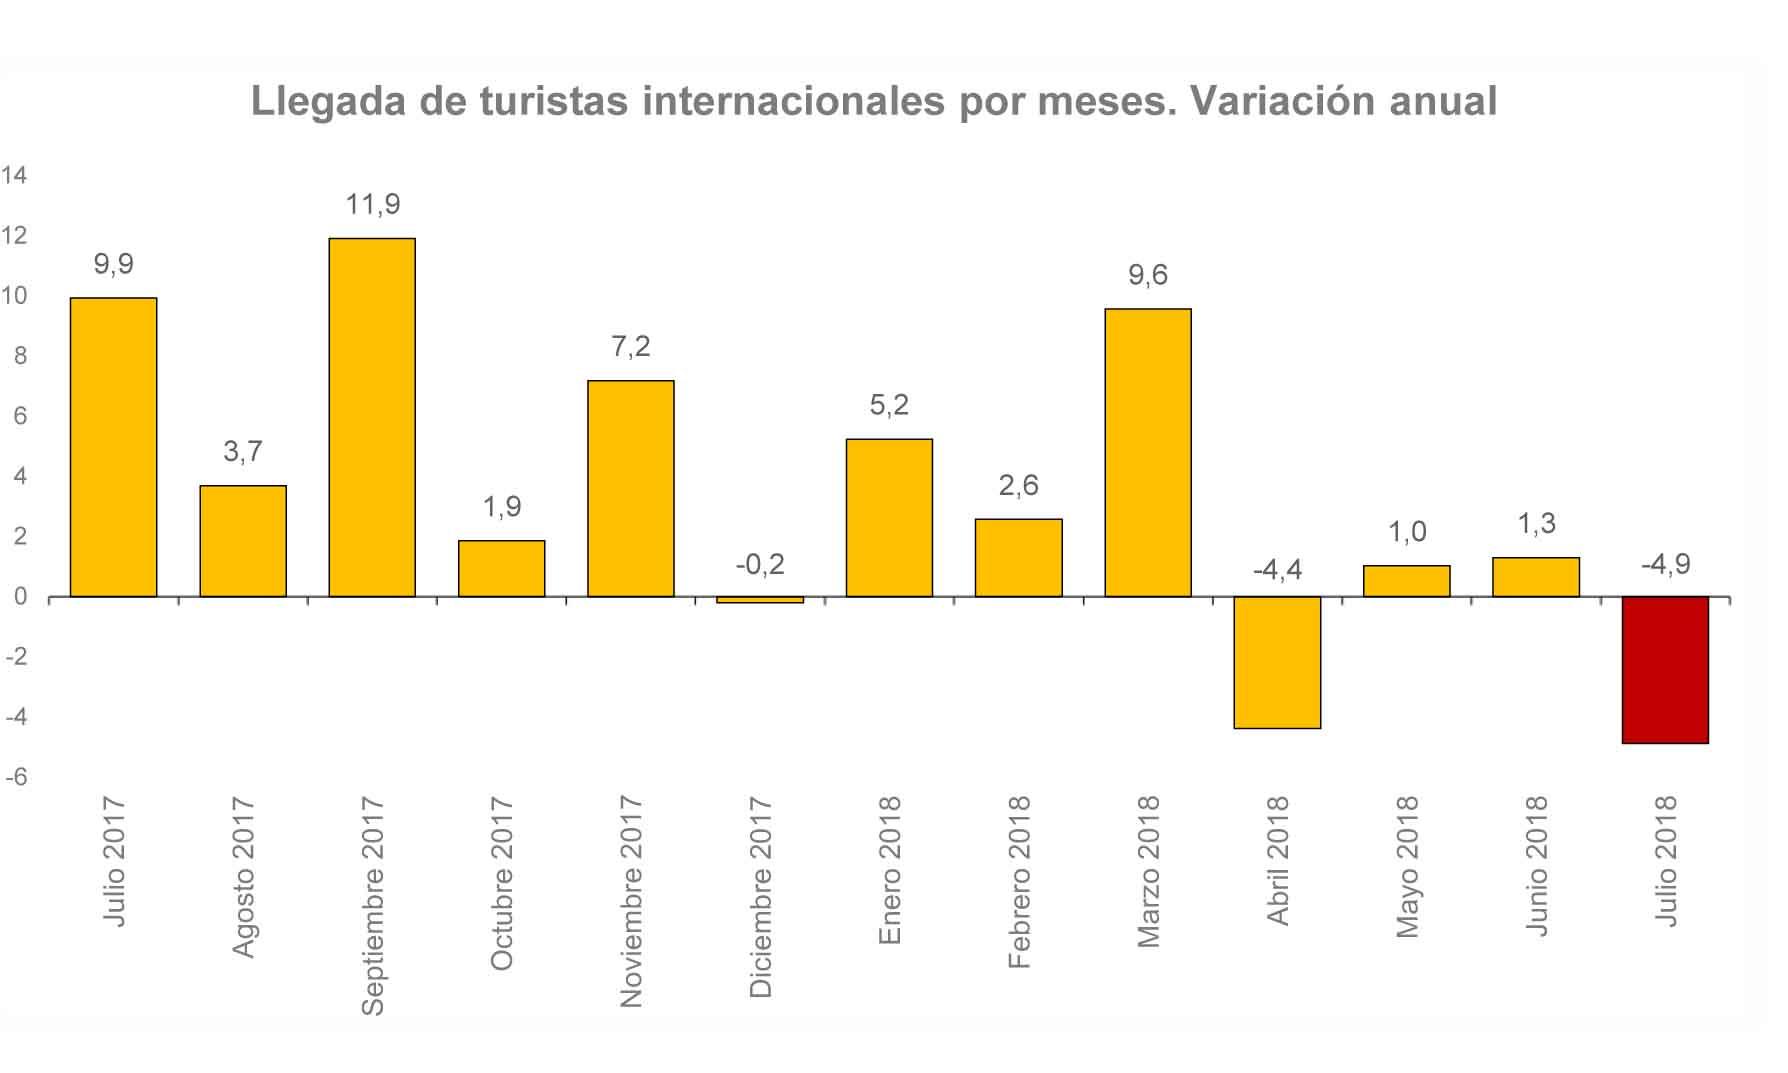 Llegada de turistas internacionales por meses, Frontur 2018. Profesional horeca